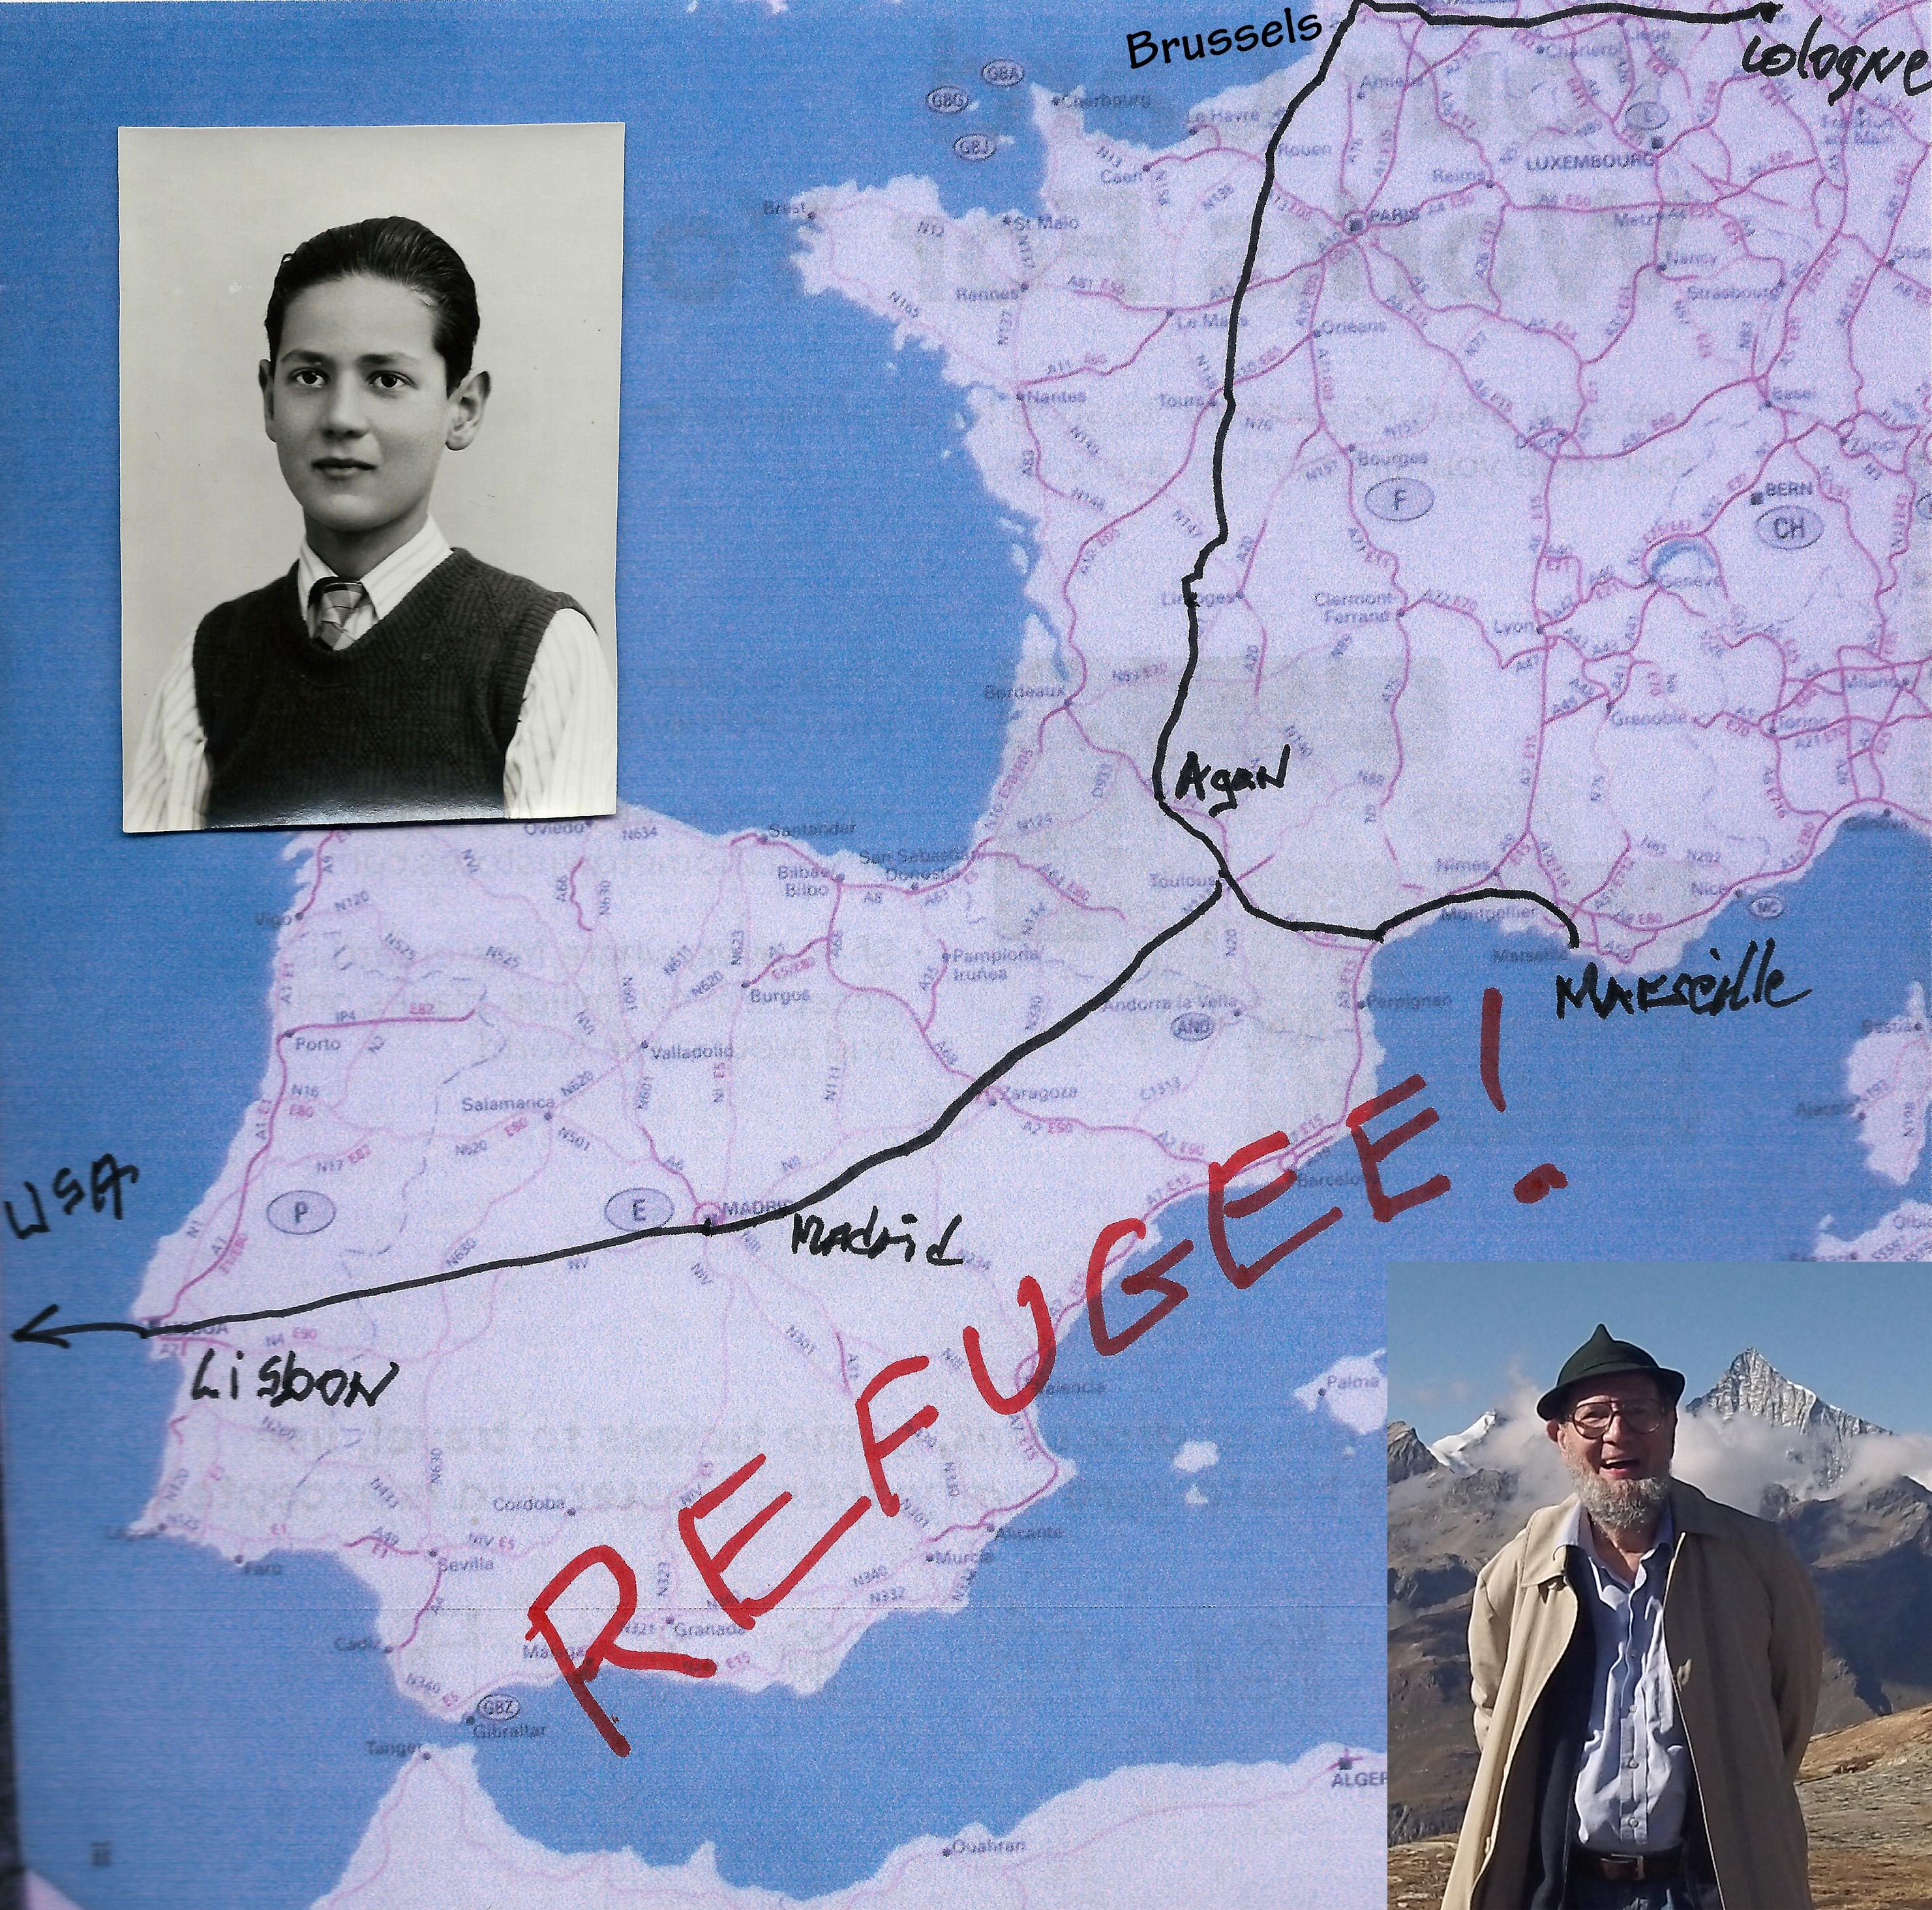 Walter Blass Refugeemap